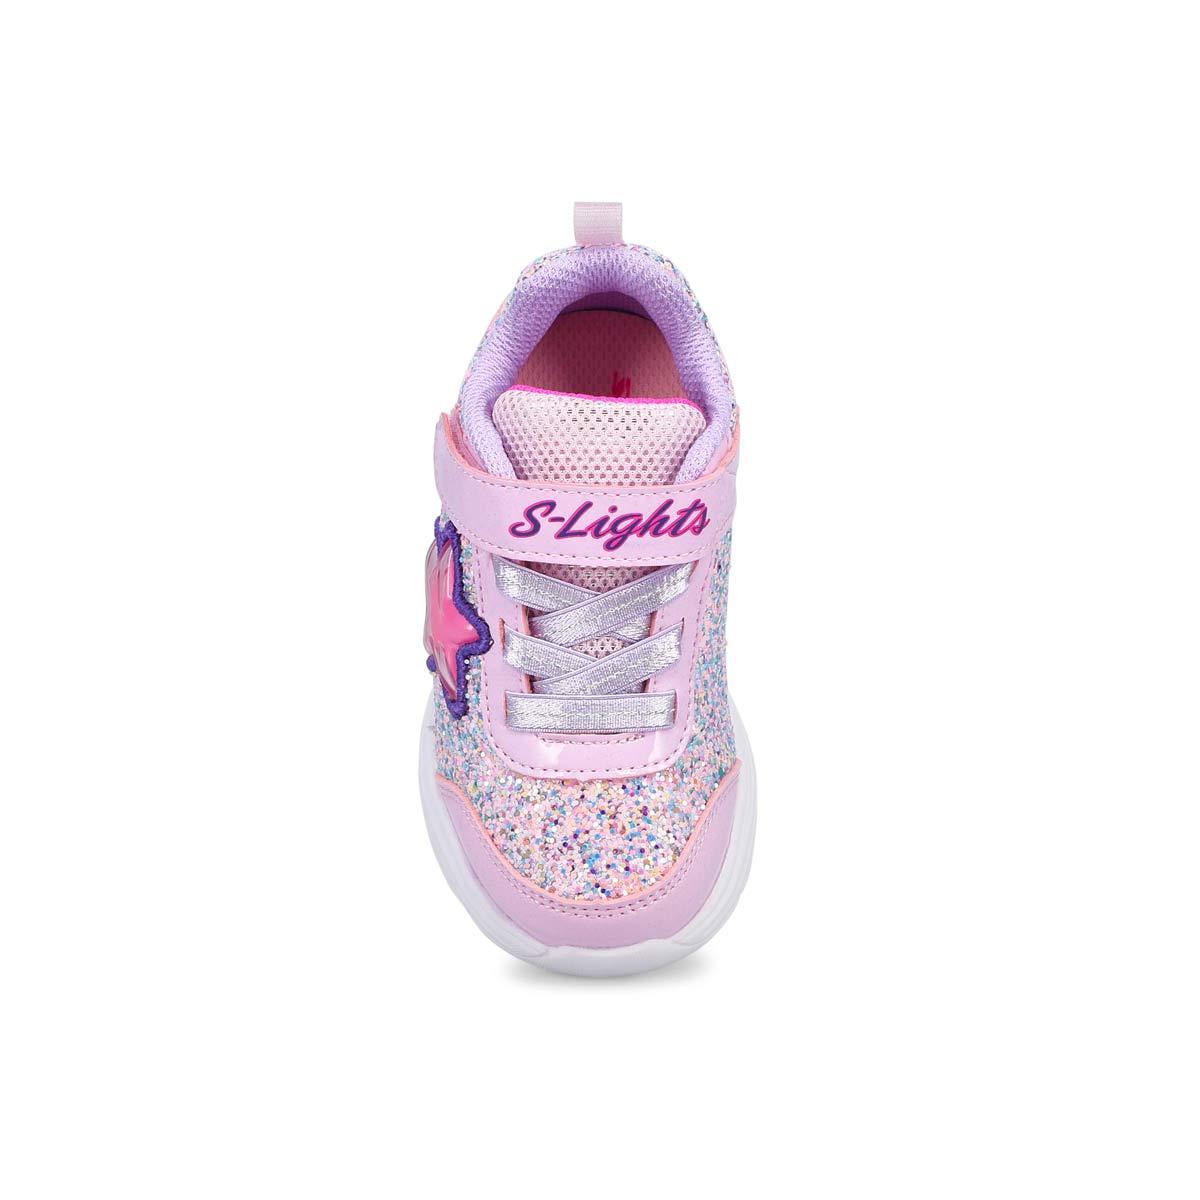 Infants' Glimmer Kicks Lighted Sneaker -Pink/Lav